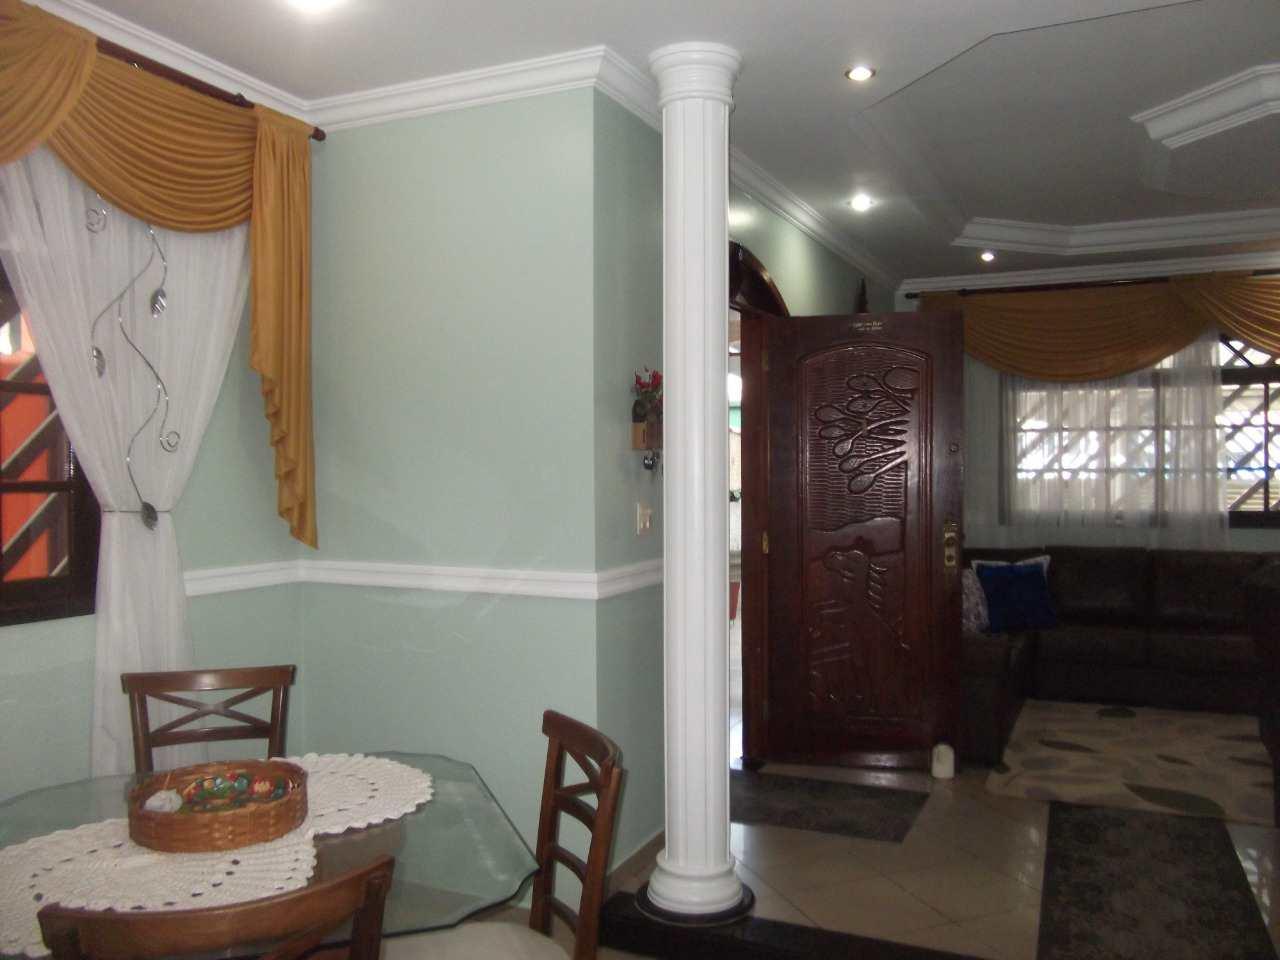 Sobrado com 3 dorms, Jardim Casqueiro, Cubatão - R$ 700 mil, Cod: 24828